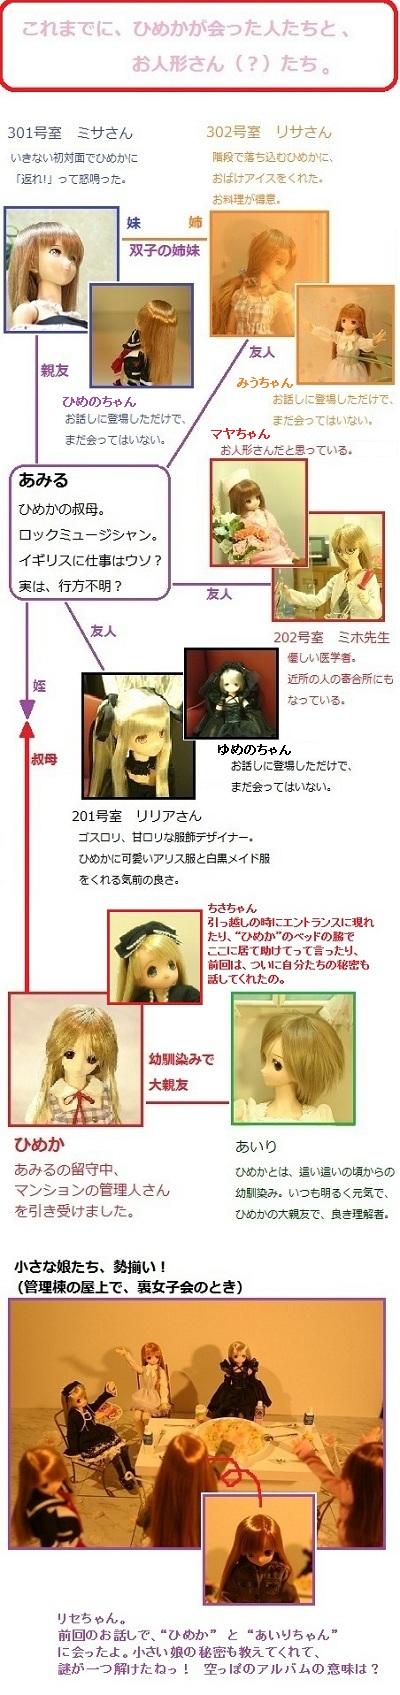 登場人物相関図20120928